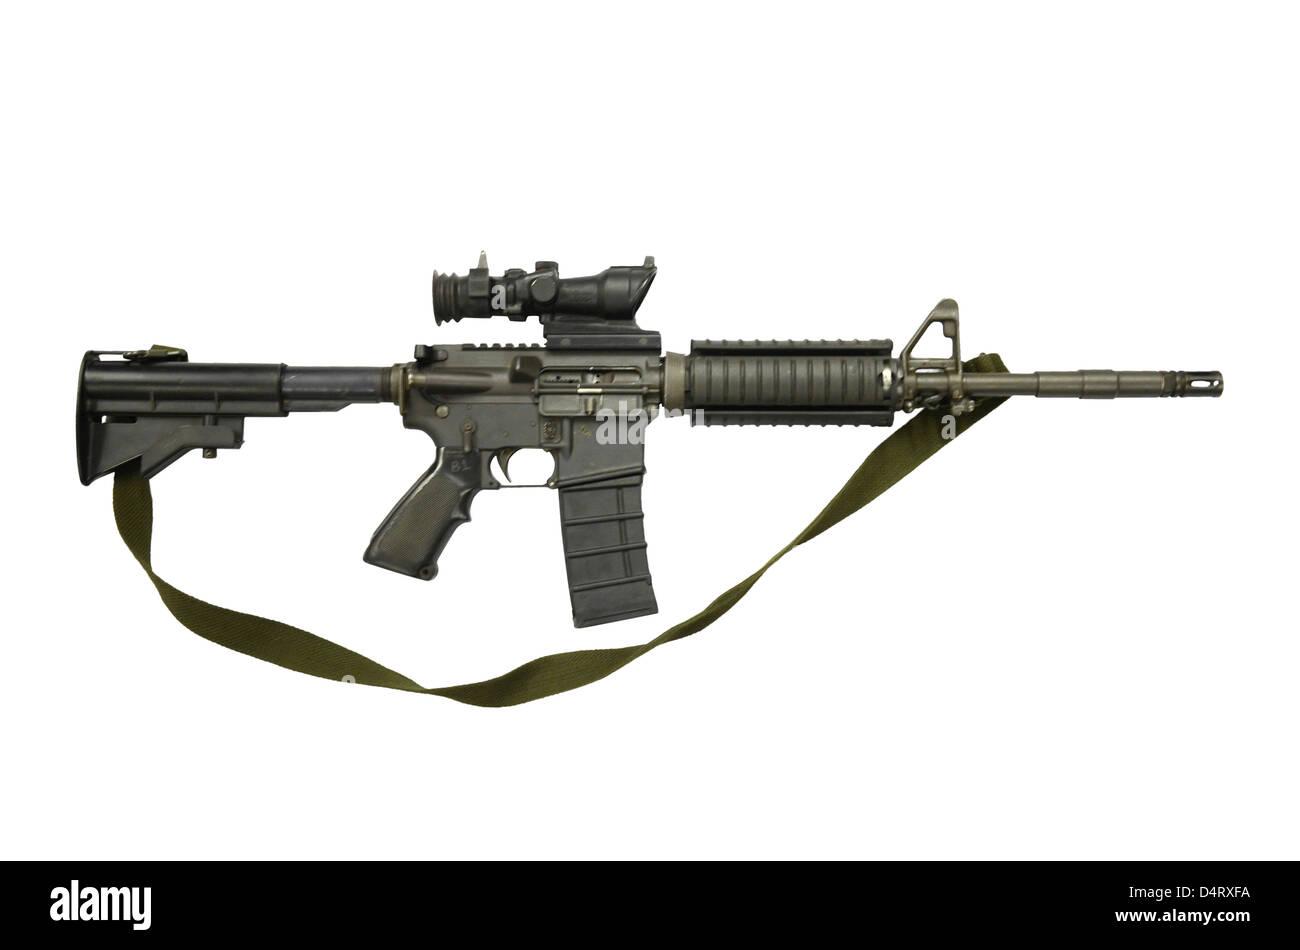 Diemaco CB 5.56mm Canada, assault carbine copy of colt Commando. - Stock Image